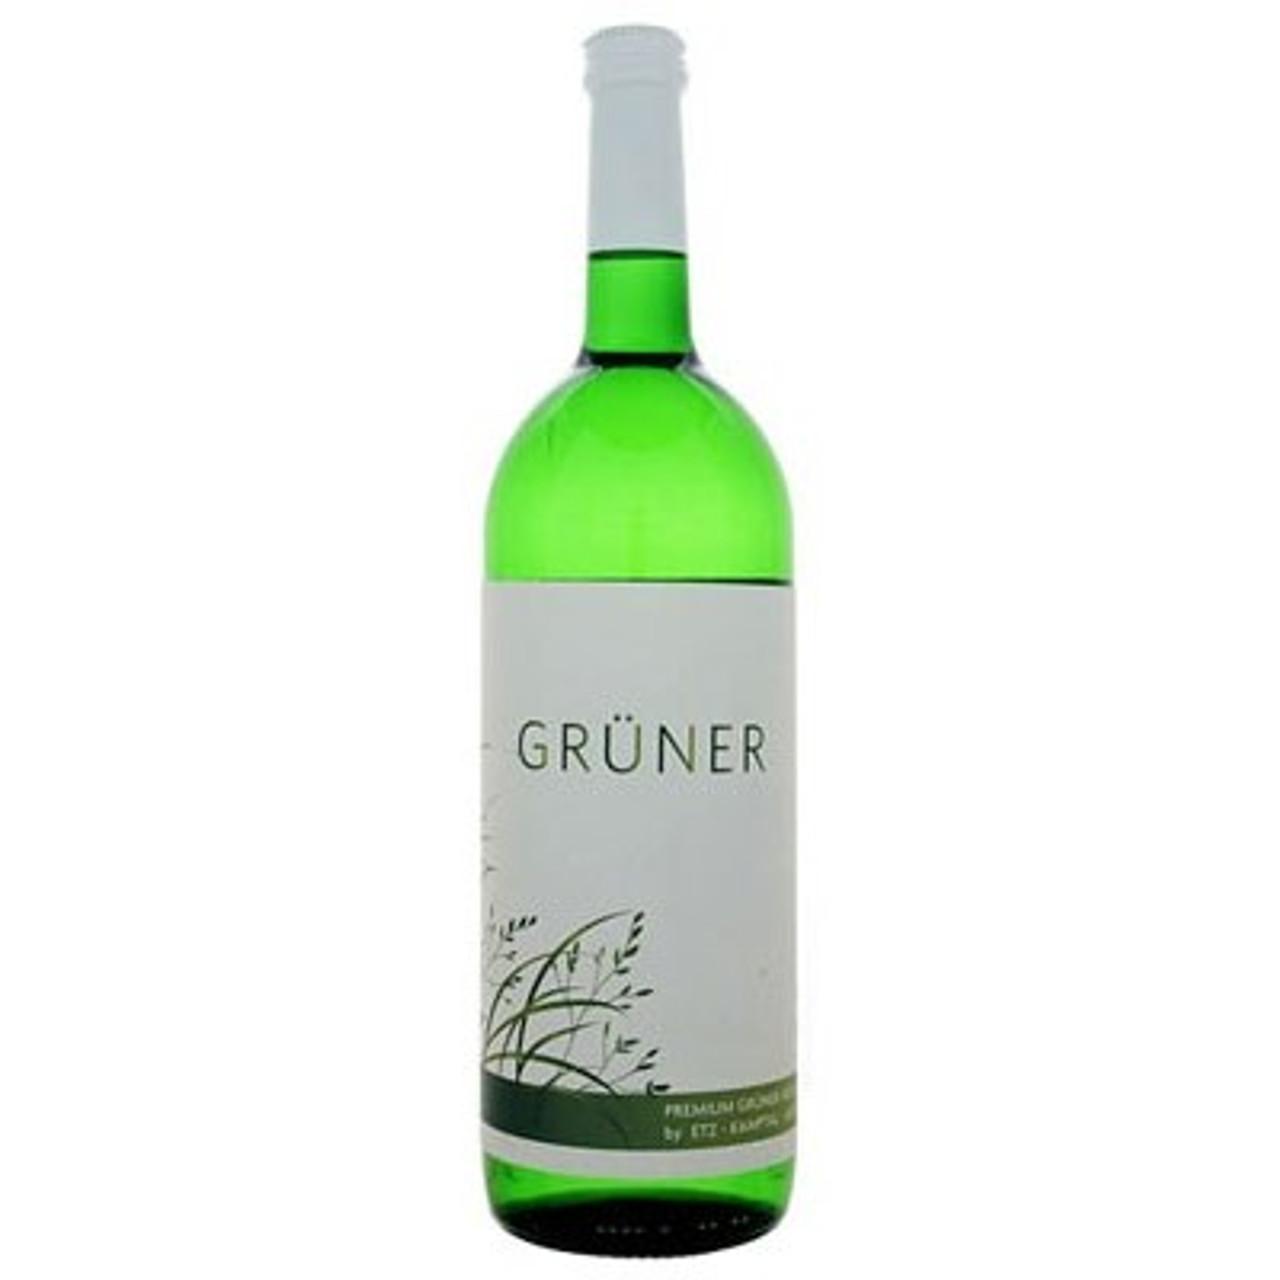 Etz, Gruner 2019 Liter